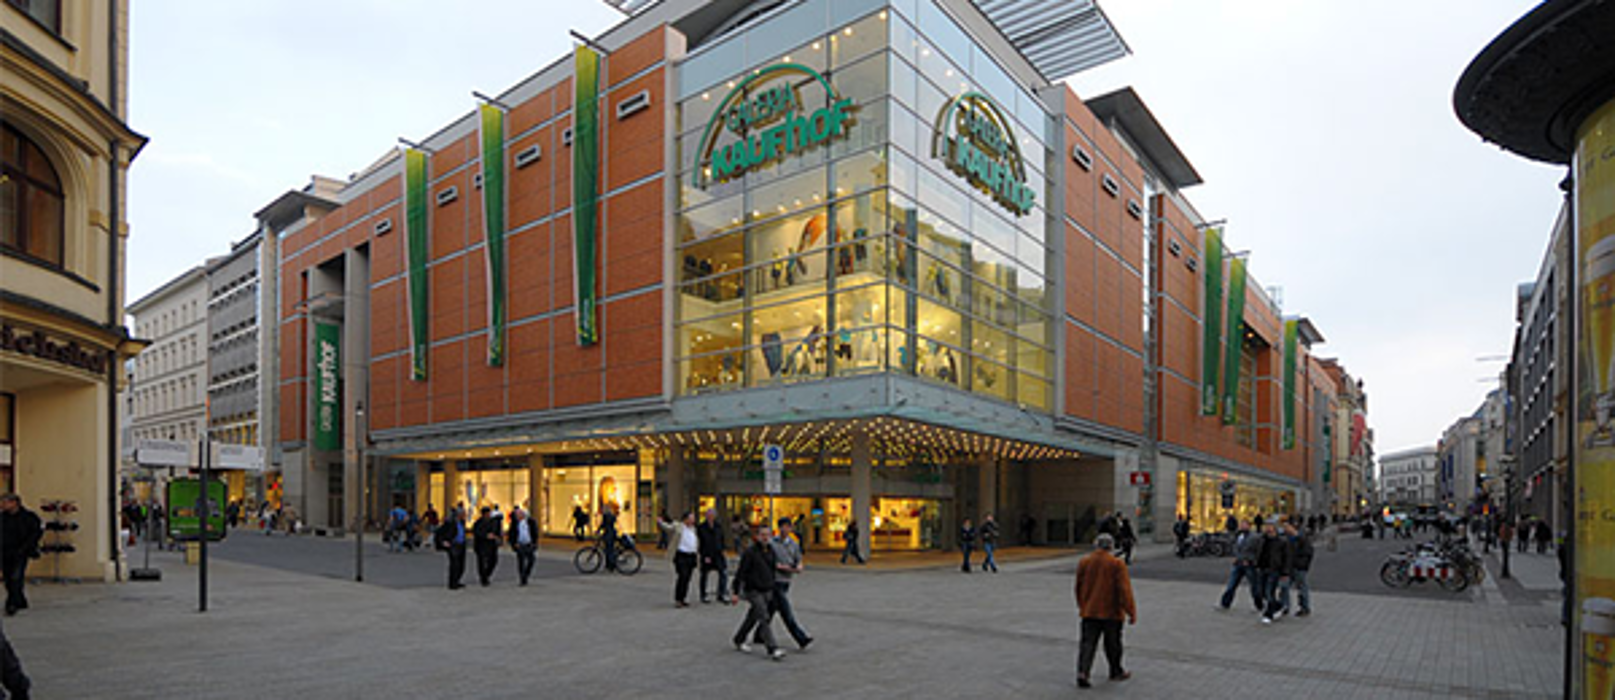 GALERIA (Kaufhof) Leipzig Neumarkt, Neumarkt in Leipzig